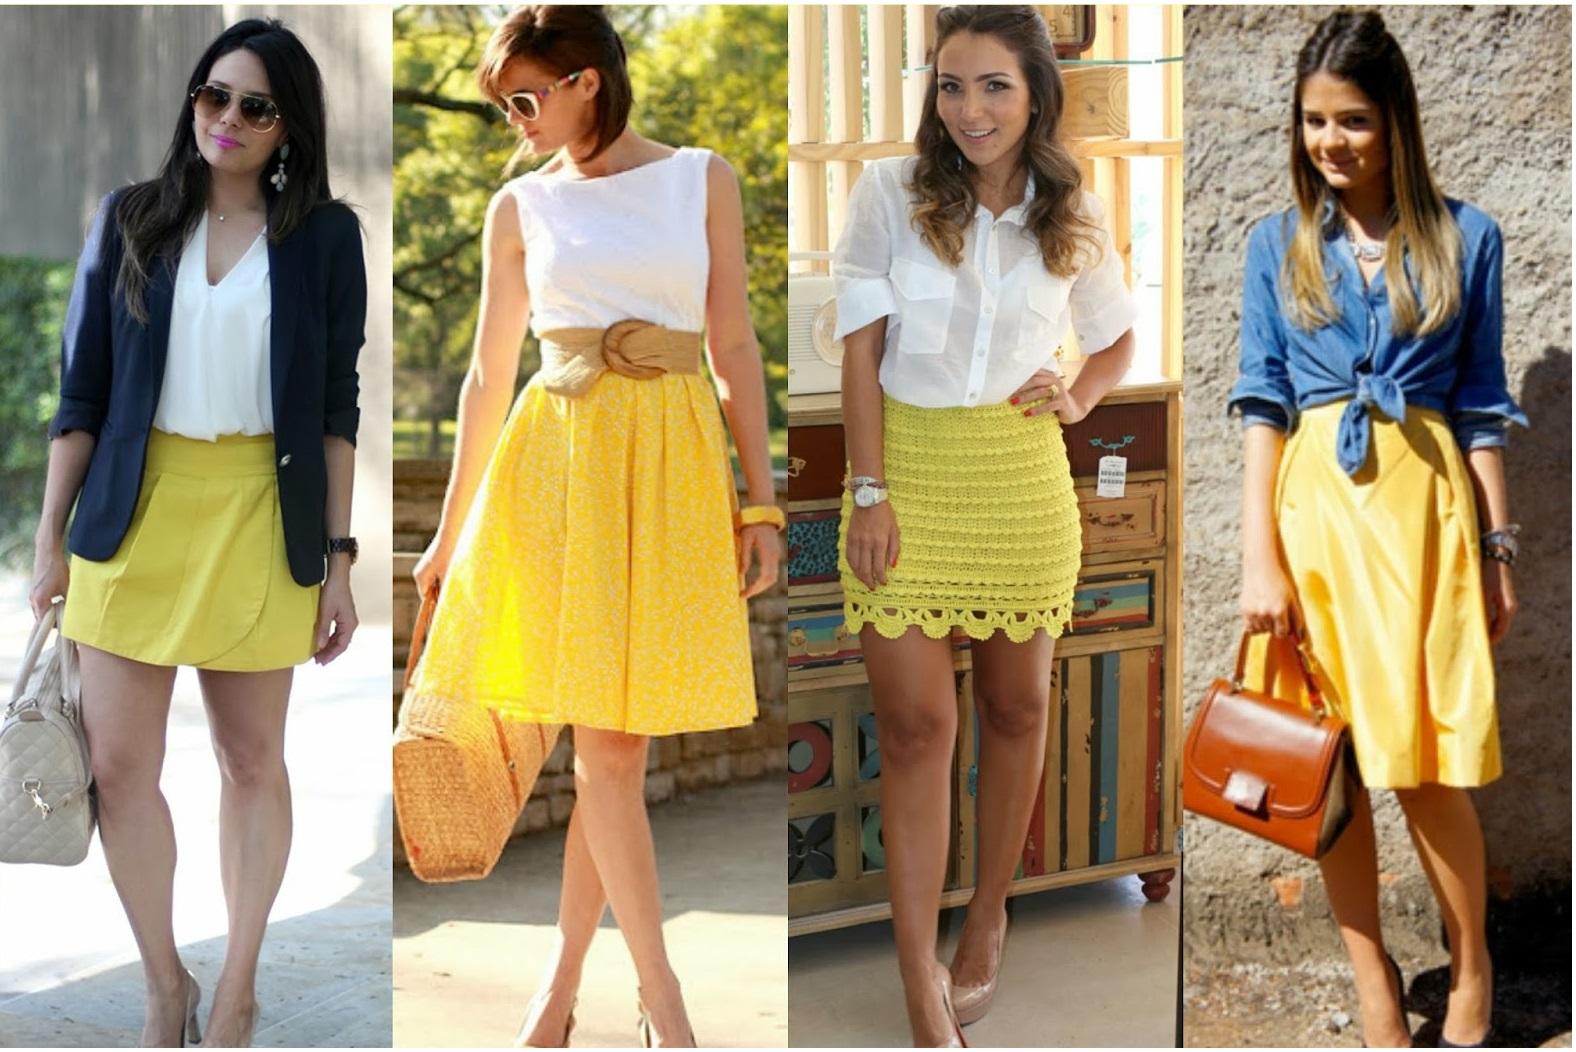 Modelos roupas e acessórios tendência 2015